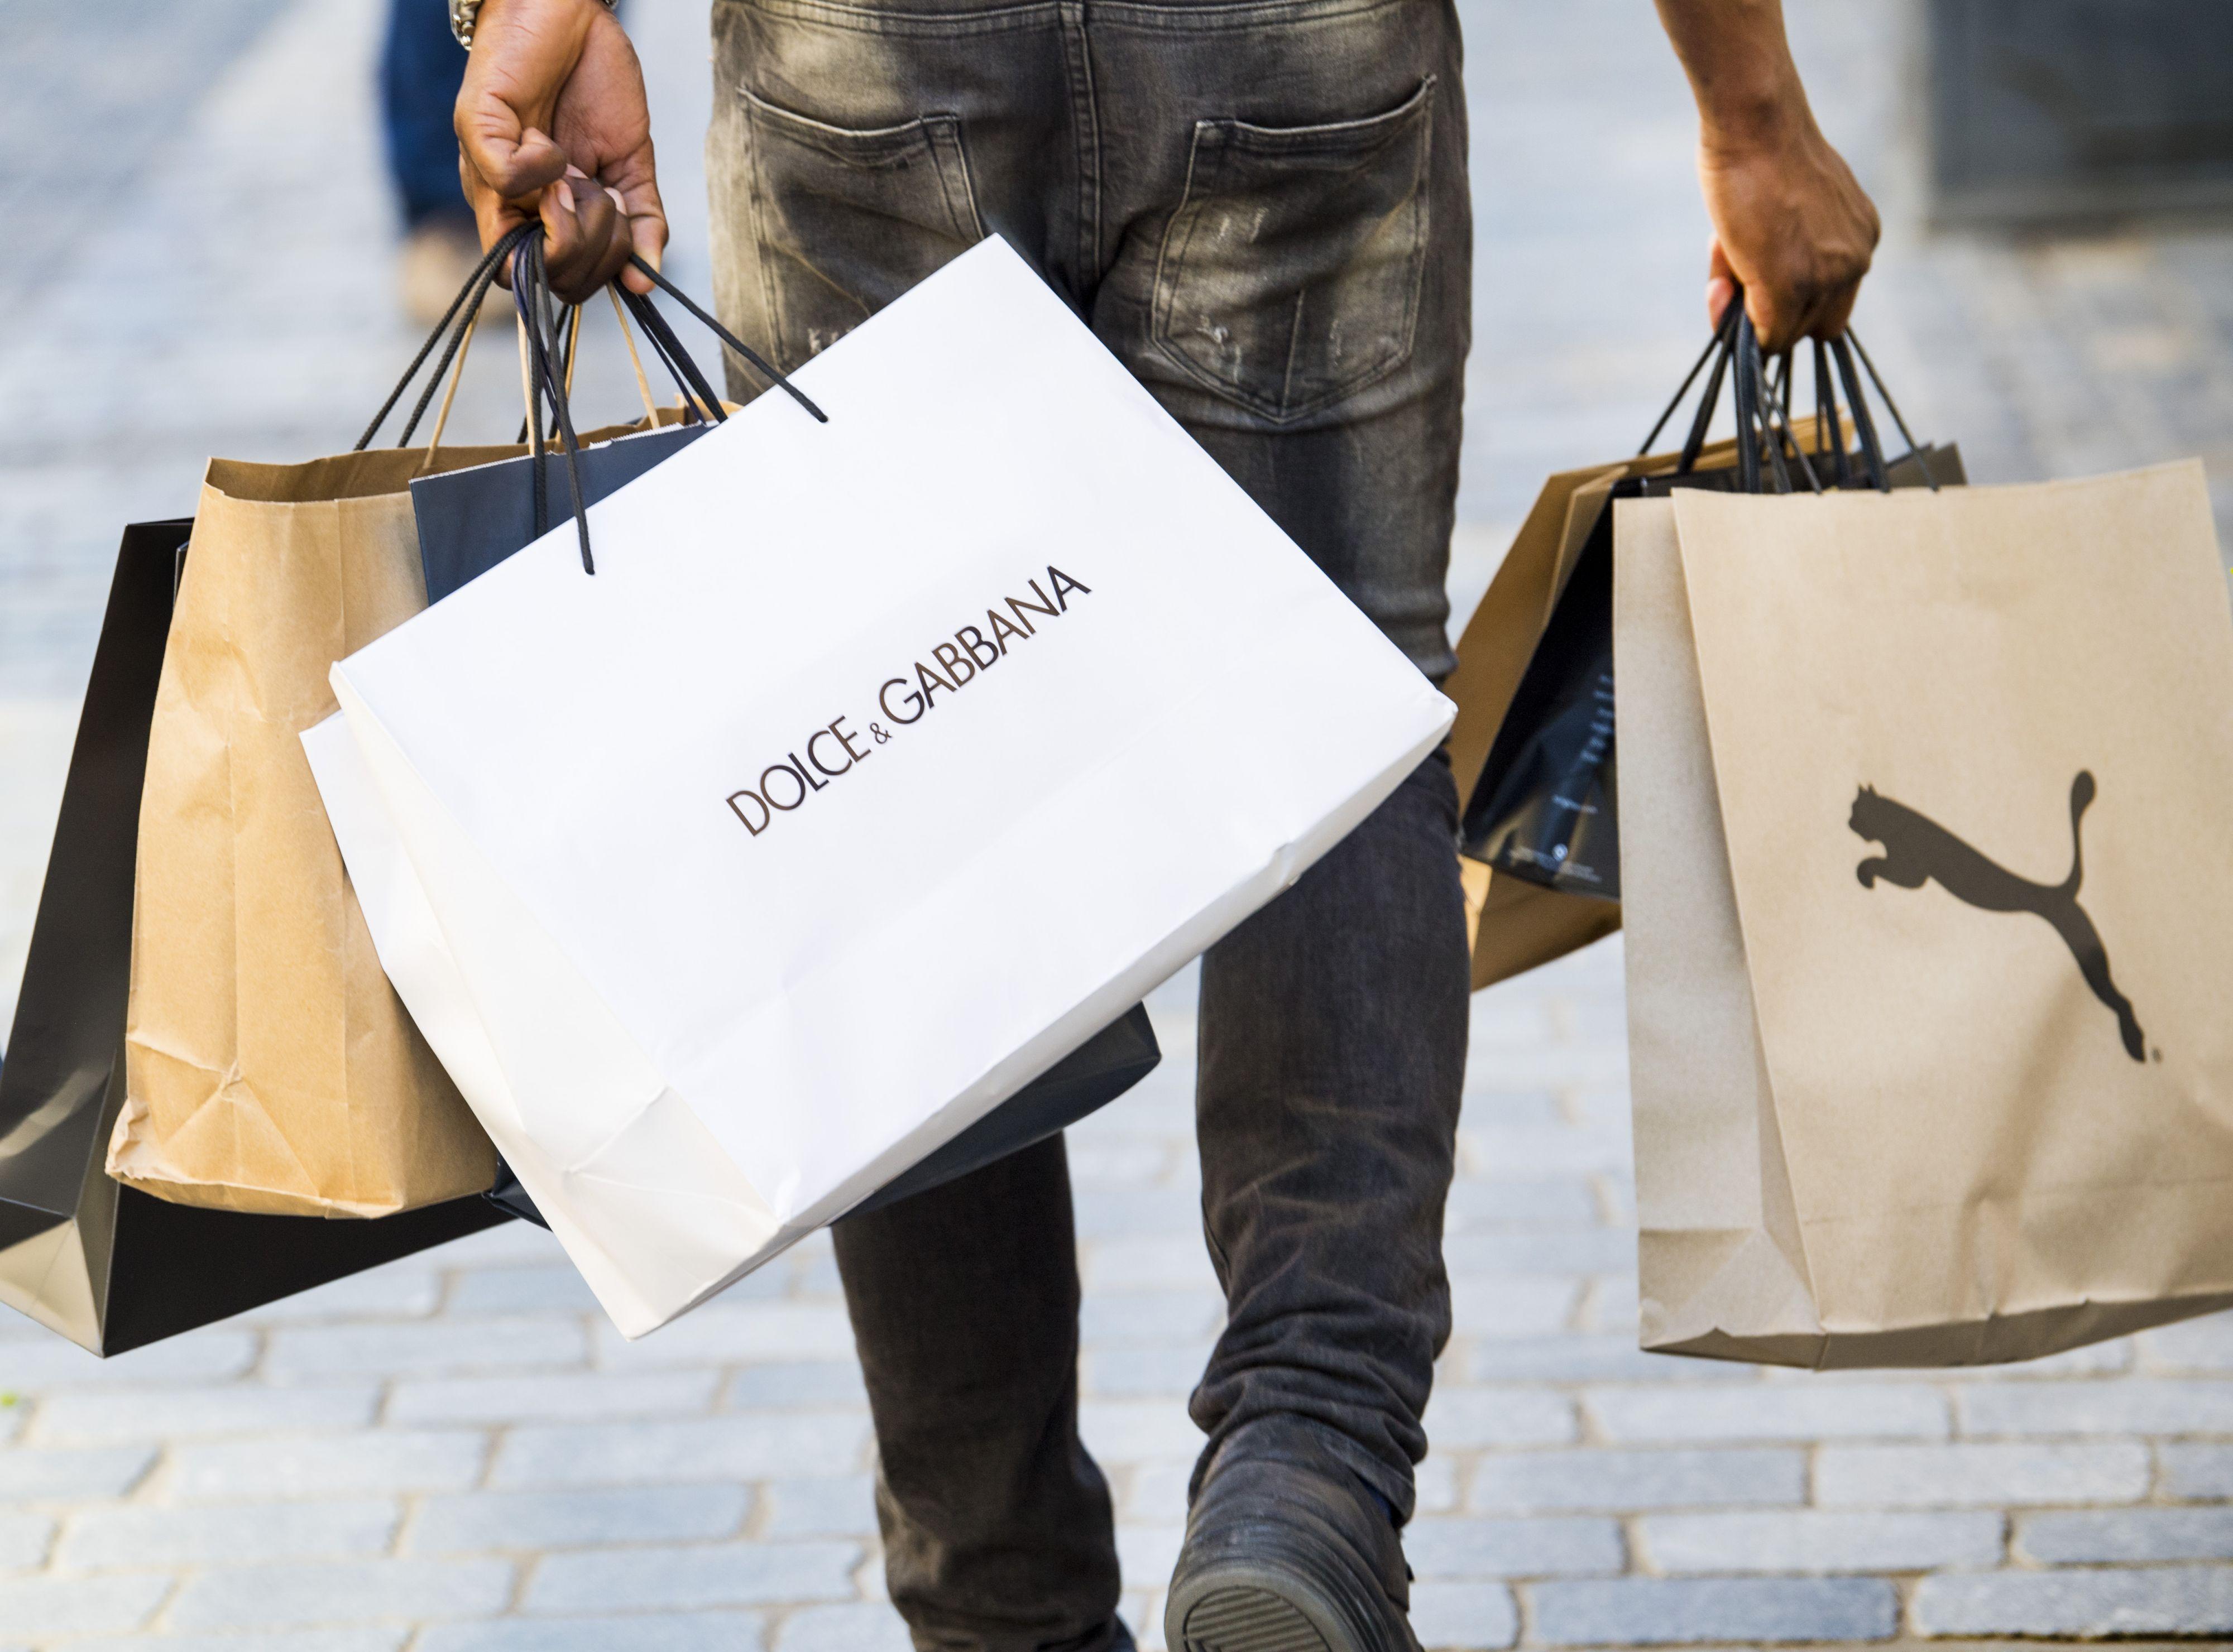 'Laat winkelier op zondag zelf bepalen open te gaan'